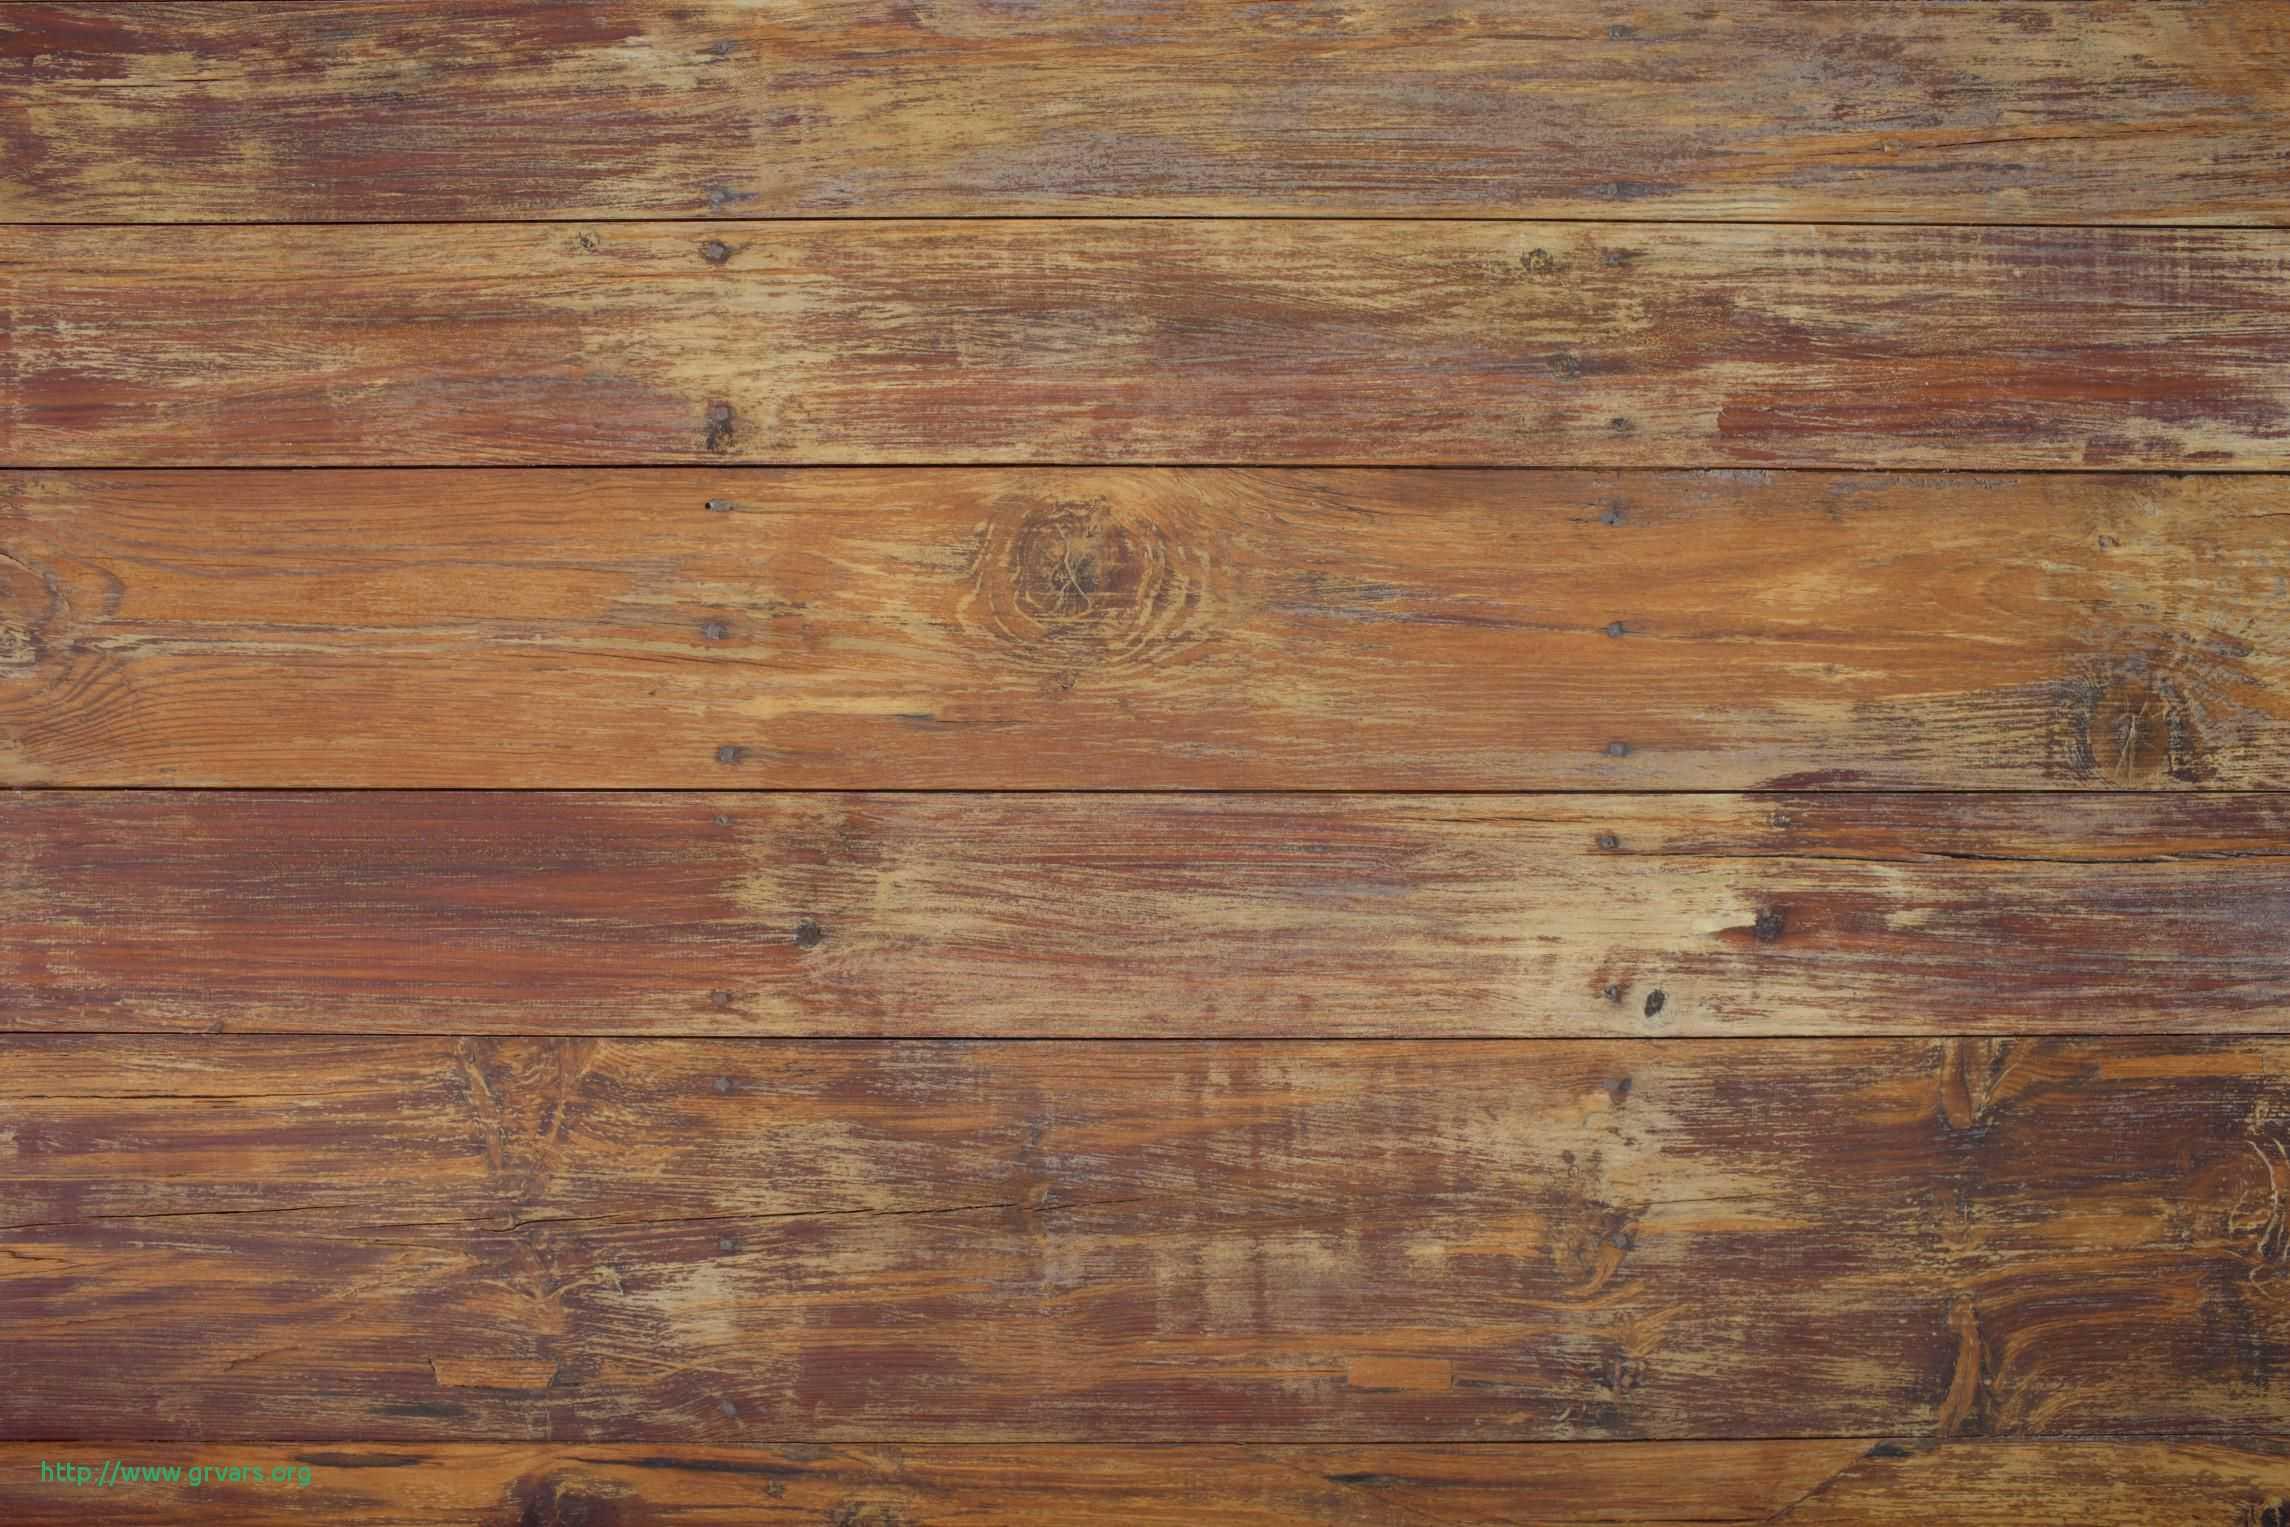 hardwood floor rejuvenator home depot of 18 impressionnant rejuvenate wood floor cleaner reviews ideas blog throughout home depot rejuvenate wood floor cleaner reviews unique the right cleaners for your solid hardwood flooring